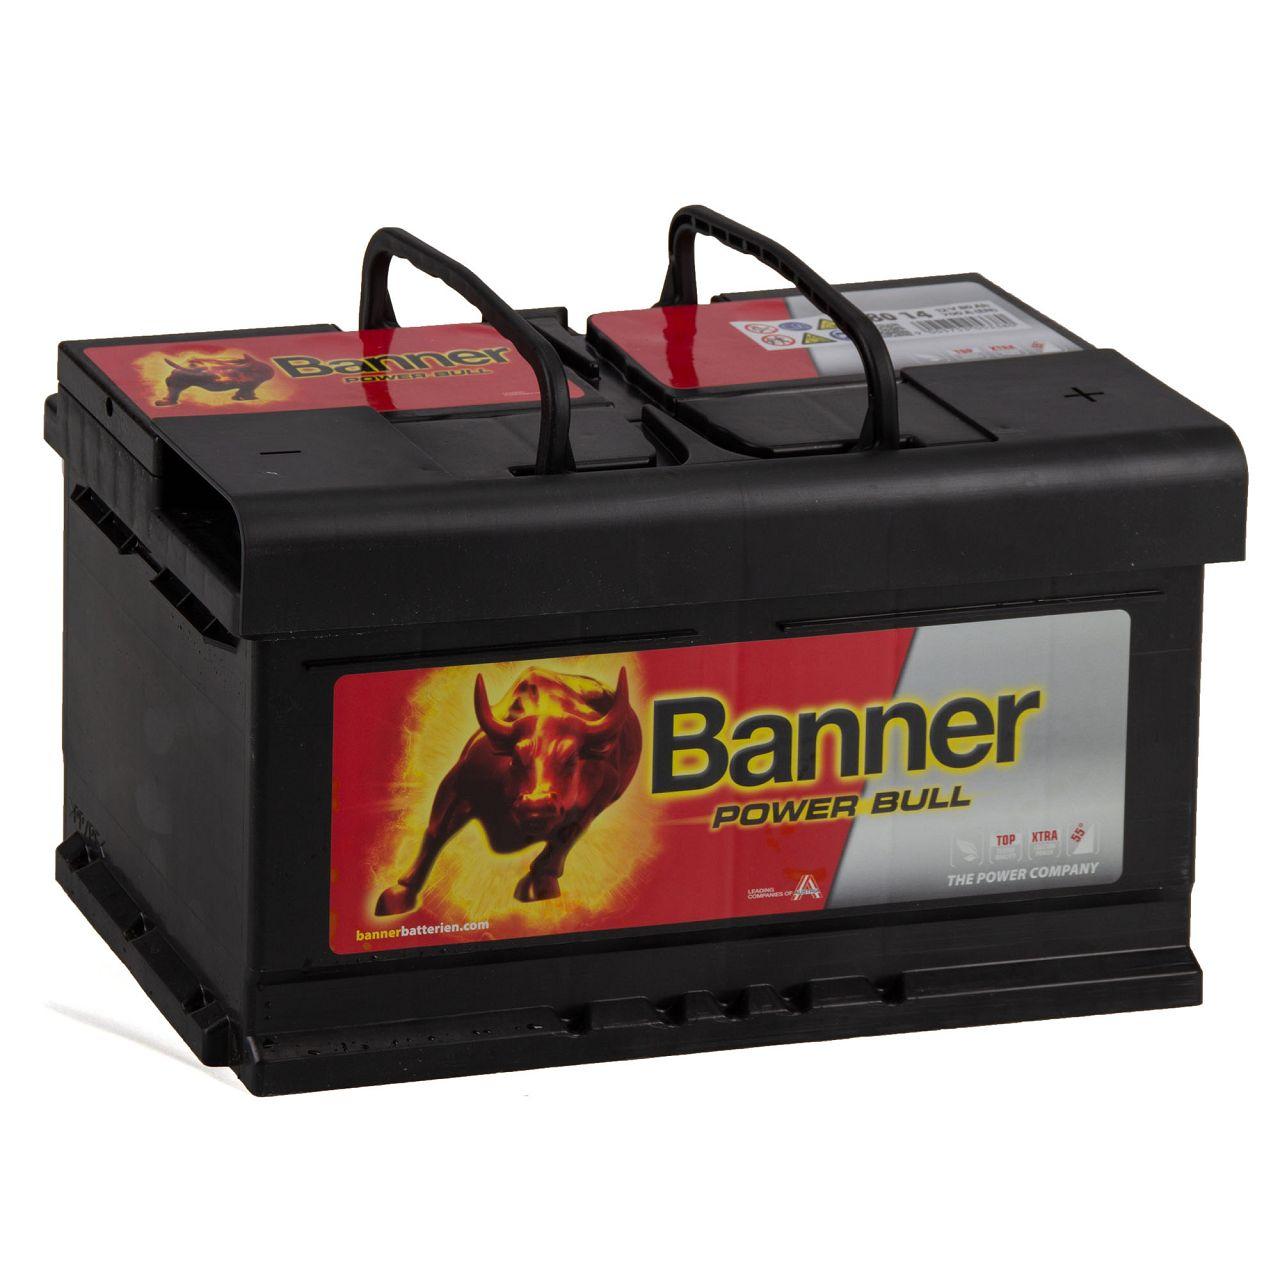 BANNER 58014 P8014 Power Bull Autobatterie Batterie 12V 80Ah 700A